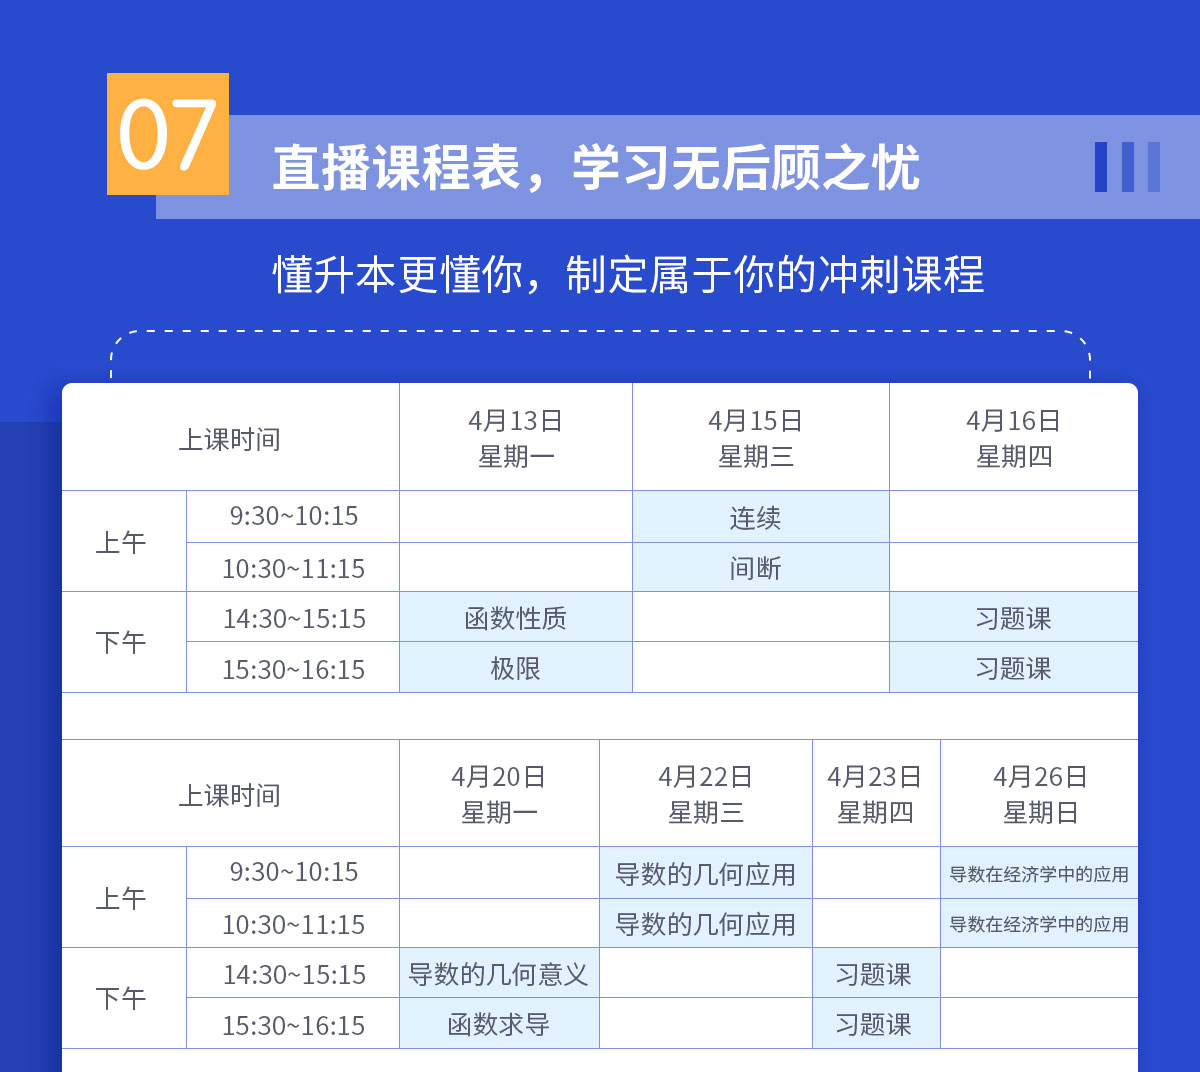 云南数学科课表_01.jpg